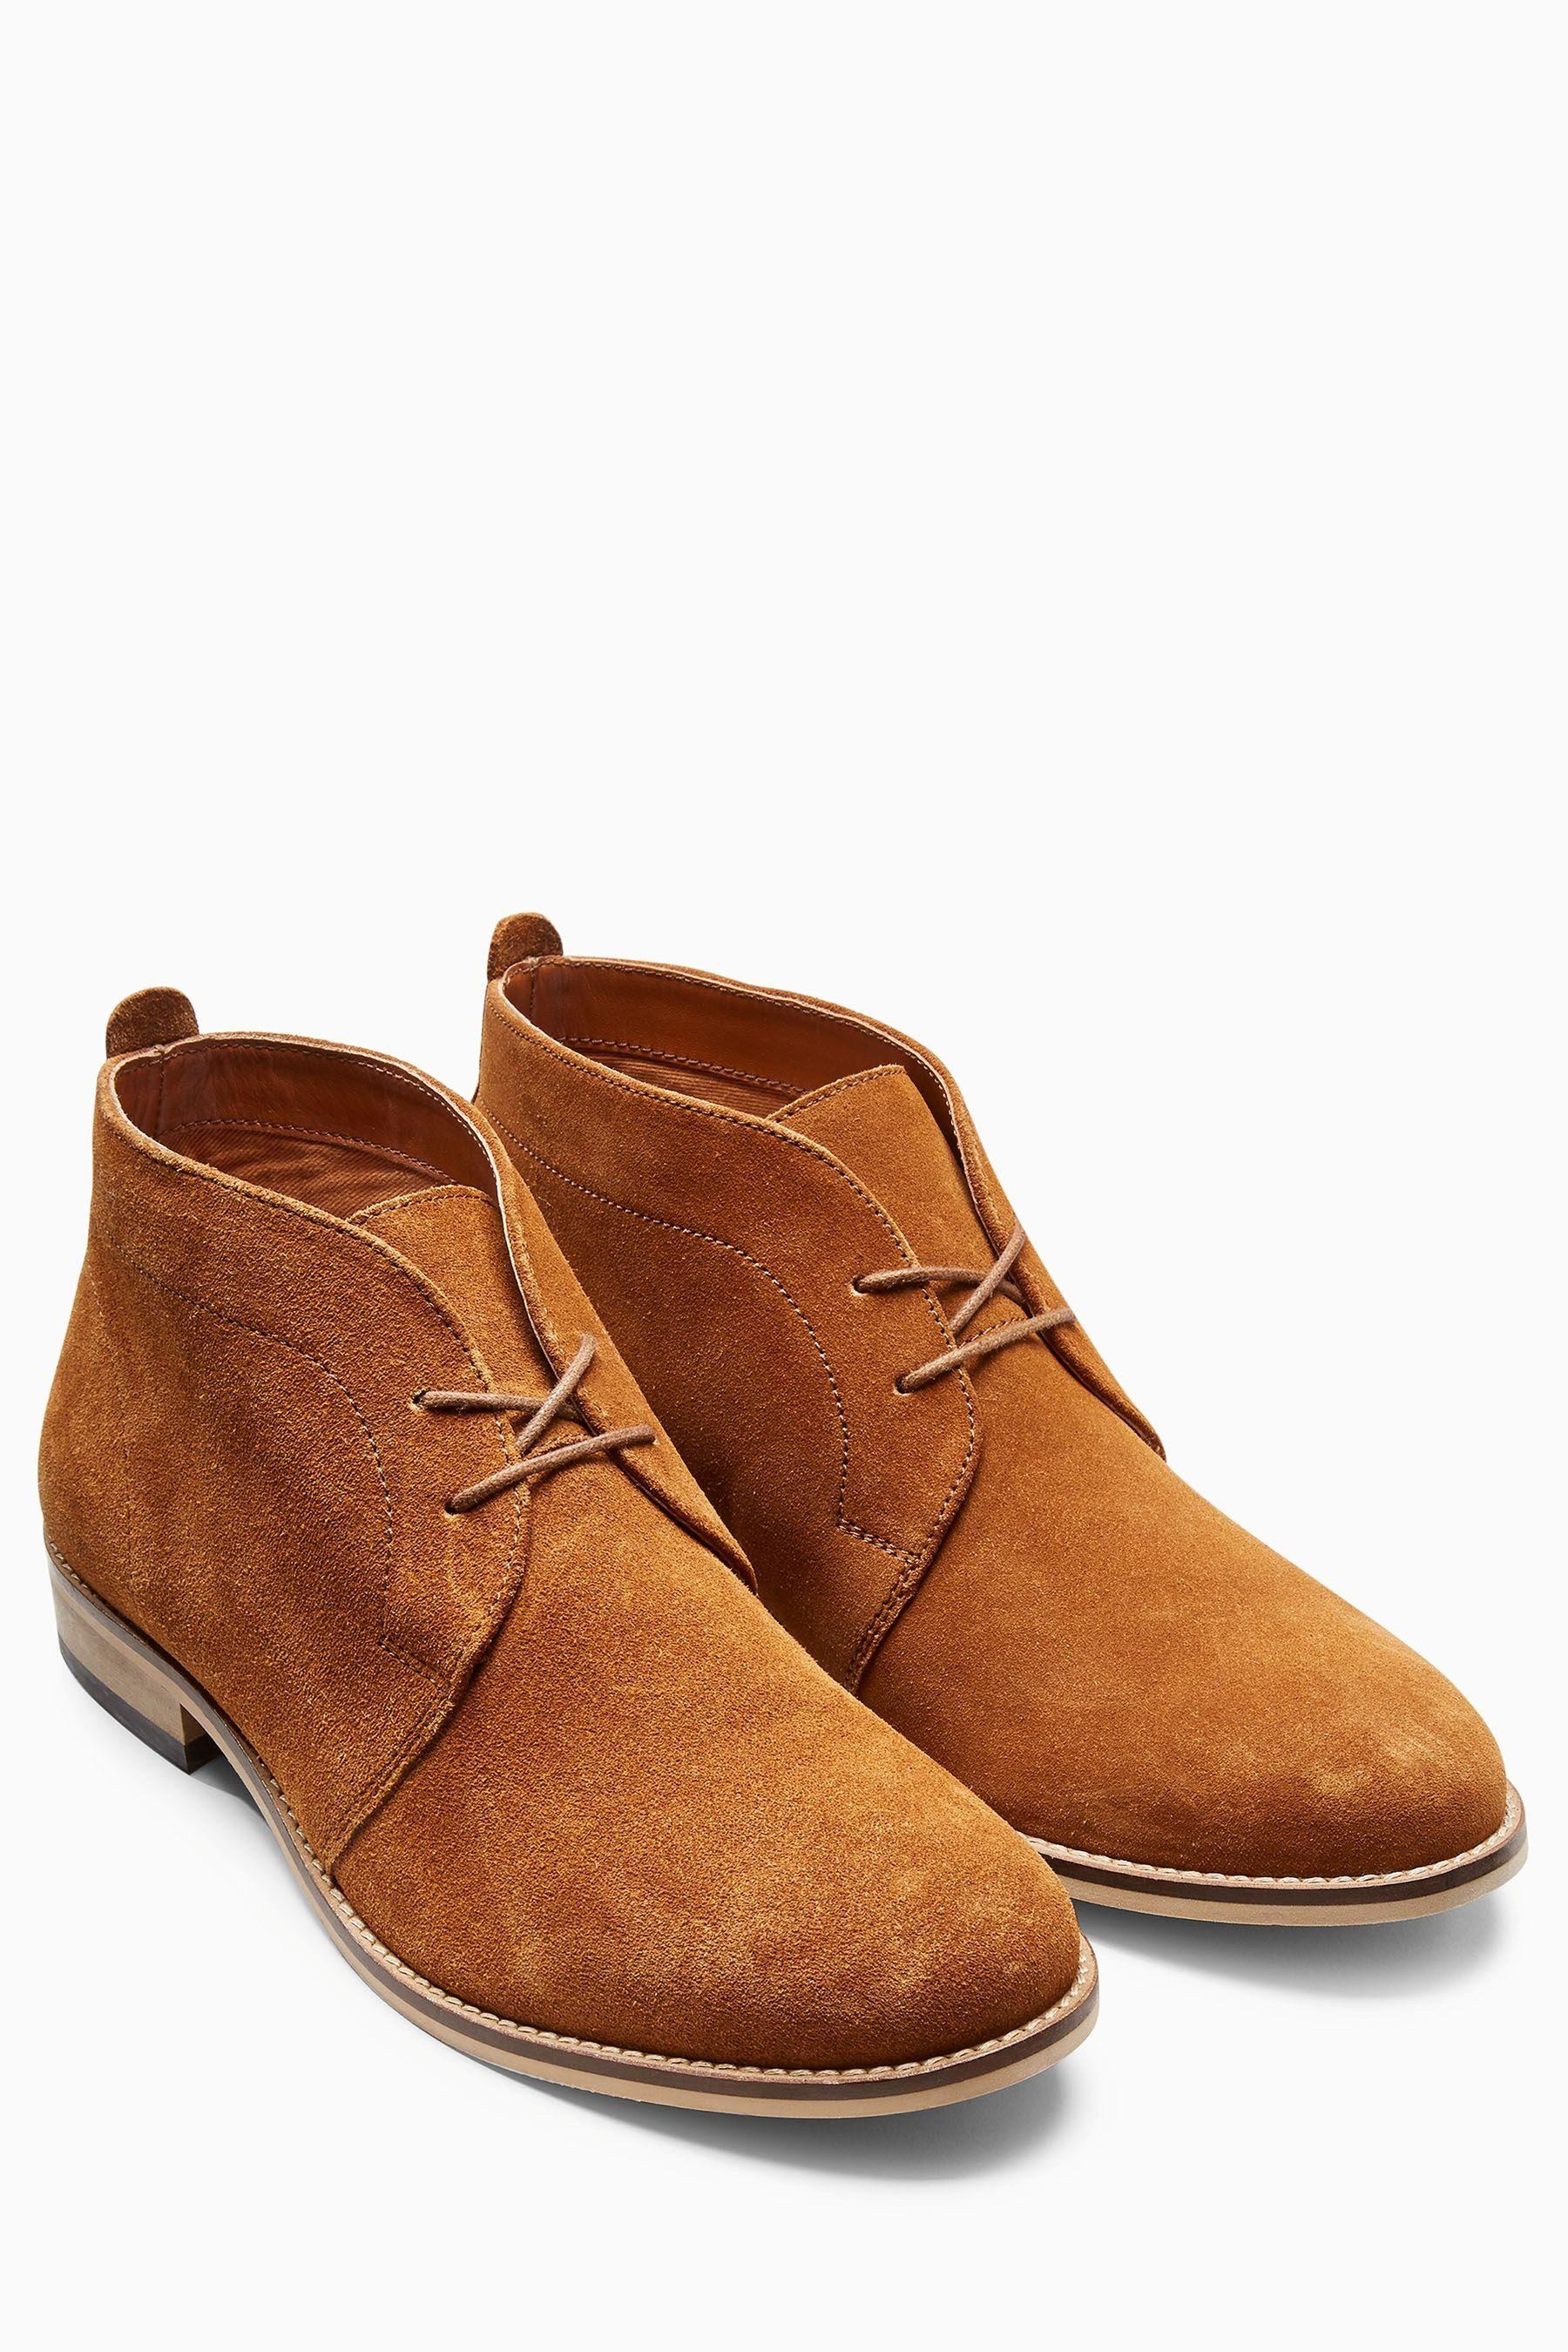 Next Stiefel aus Veloursleder online kaufen  Tan